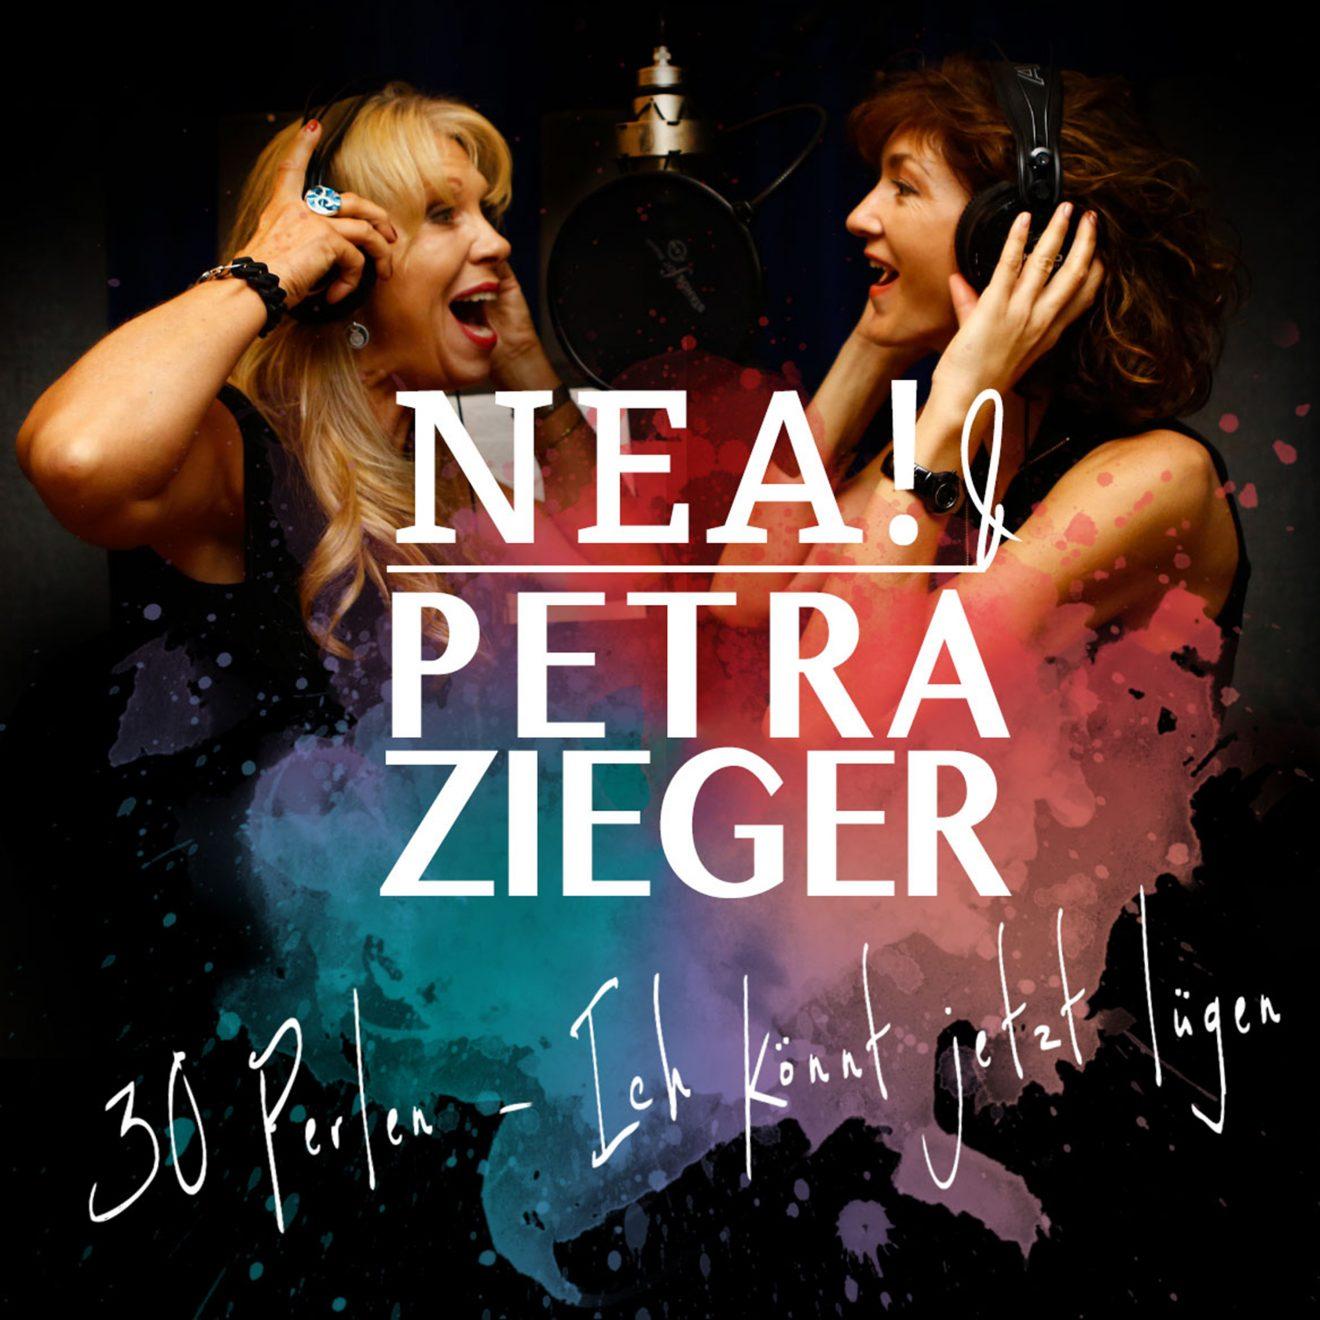 Nea!&Petra_Zieger-30Perlen3000px